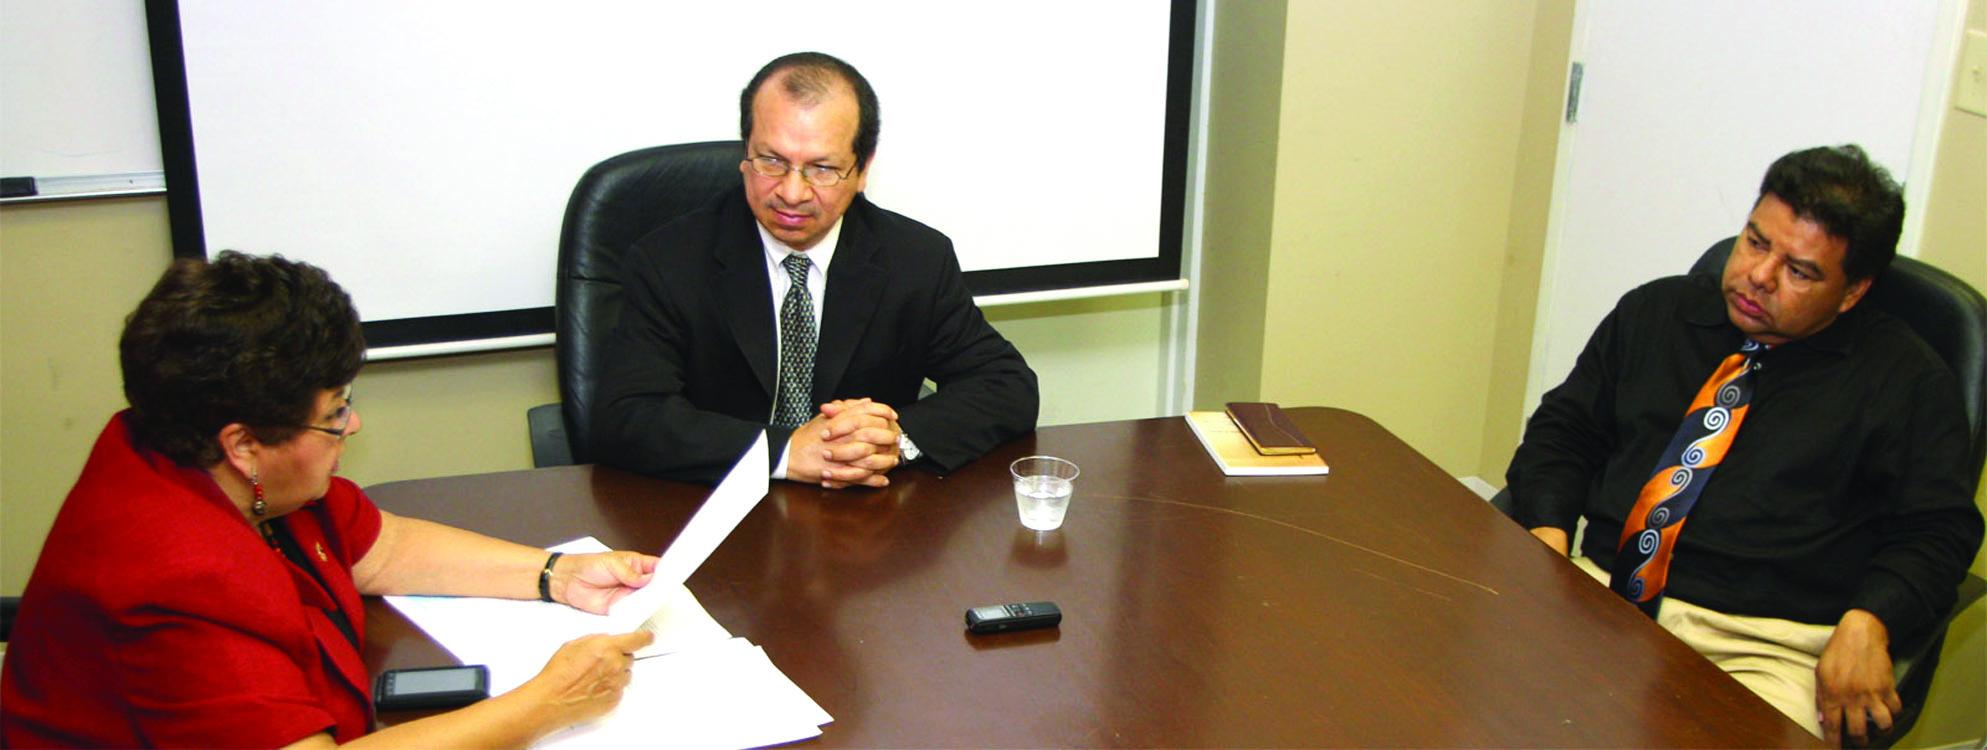 Congresista de Maryland pide a Presidente Funes que reaccione